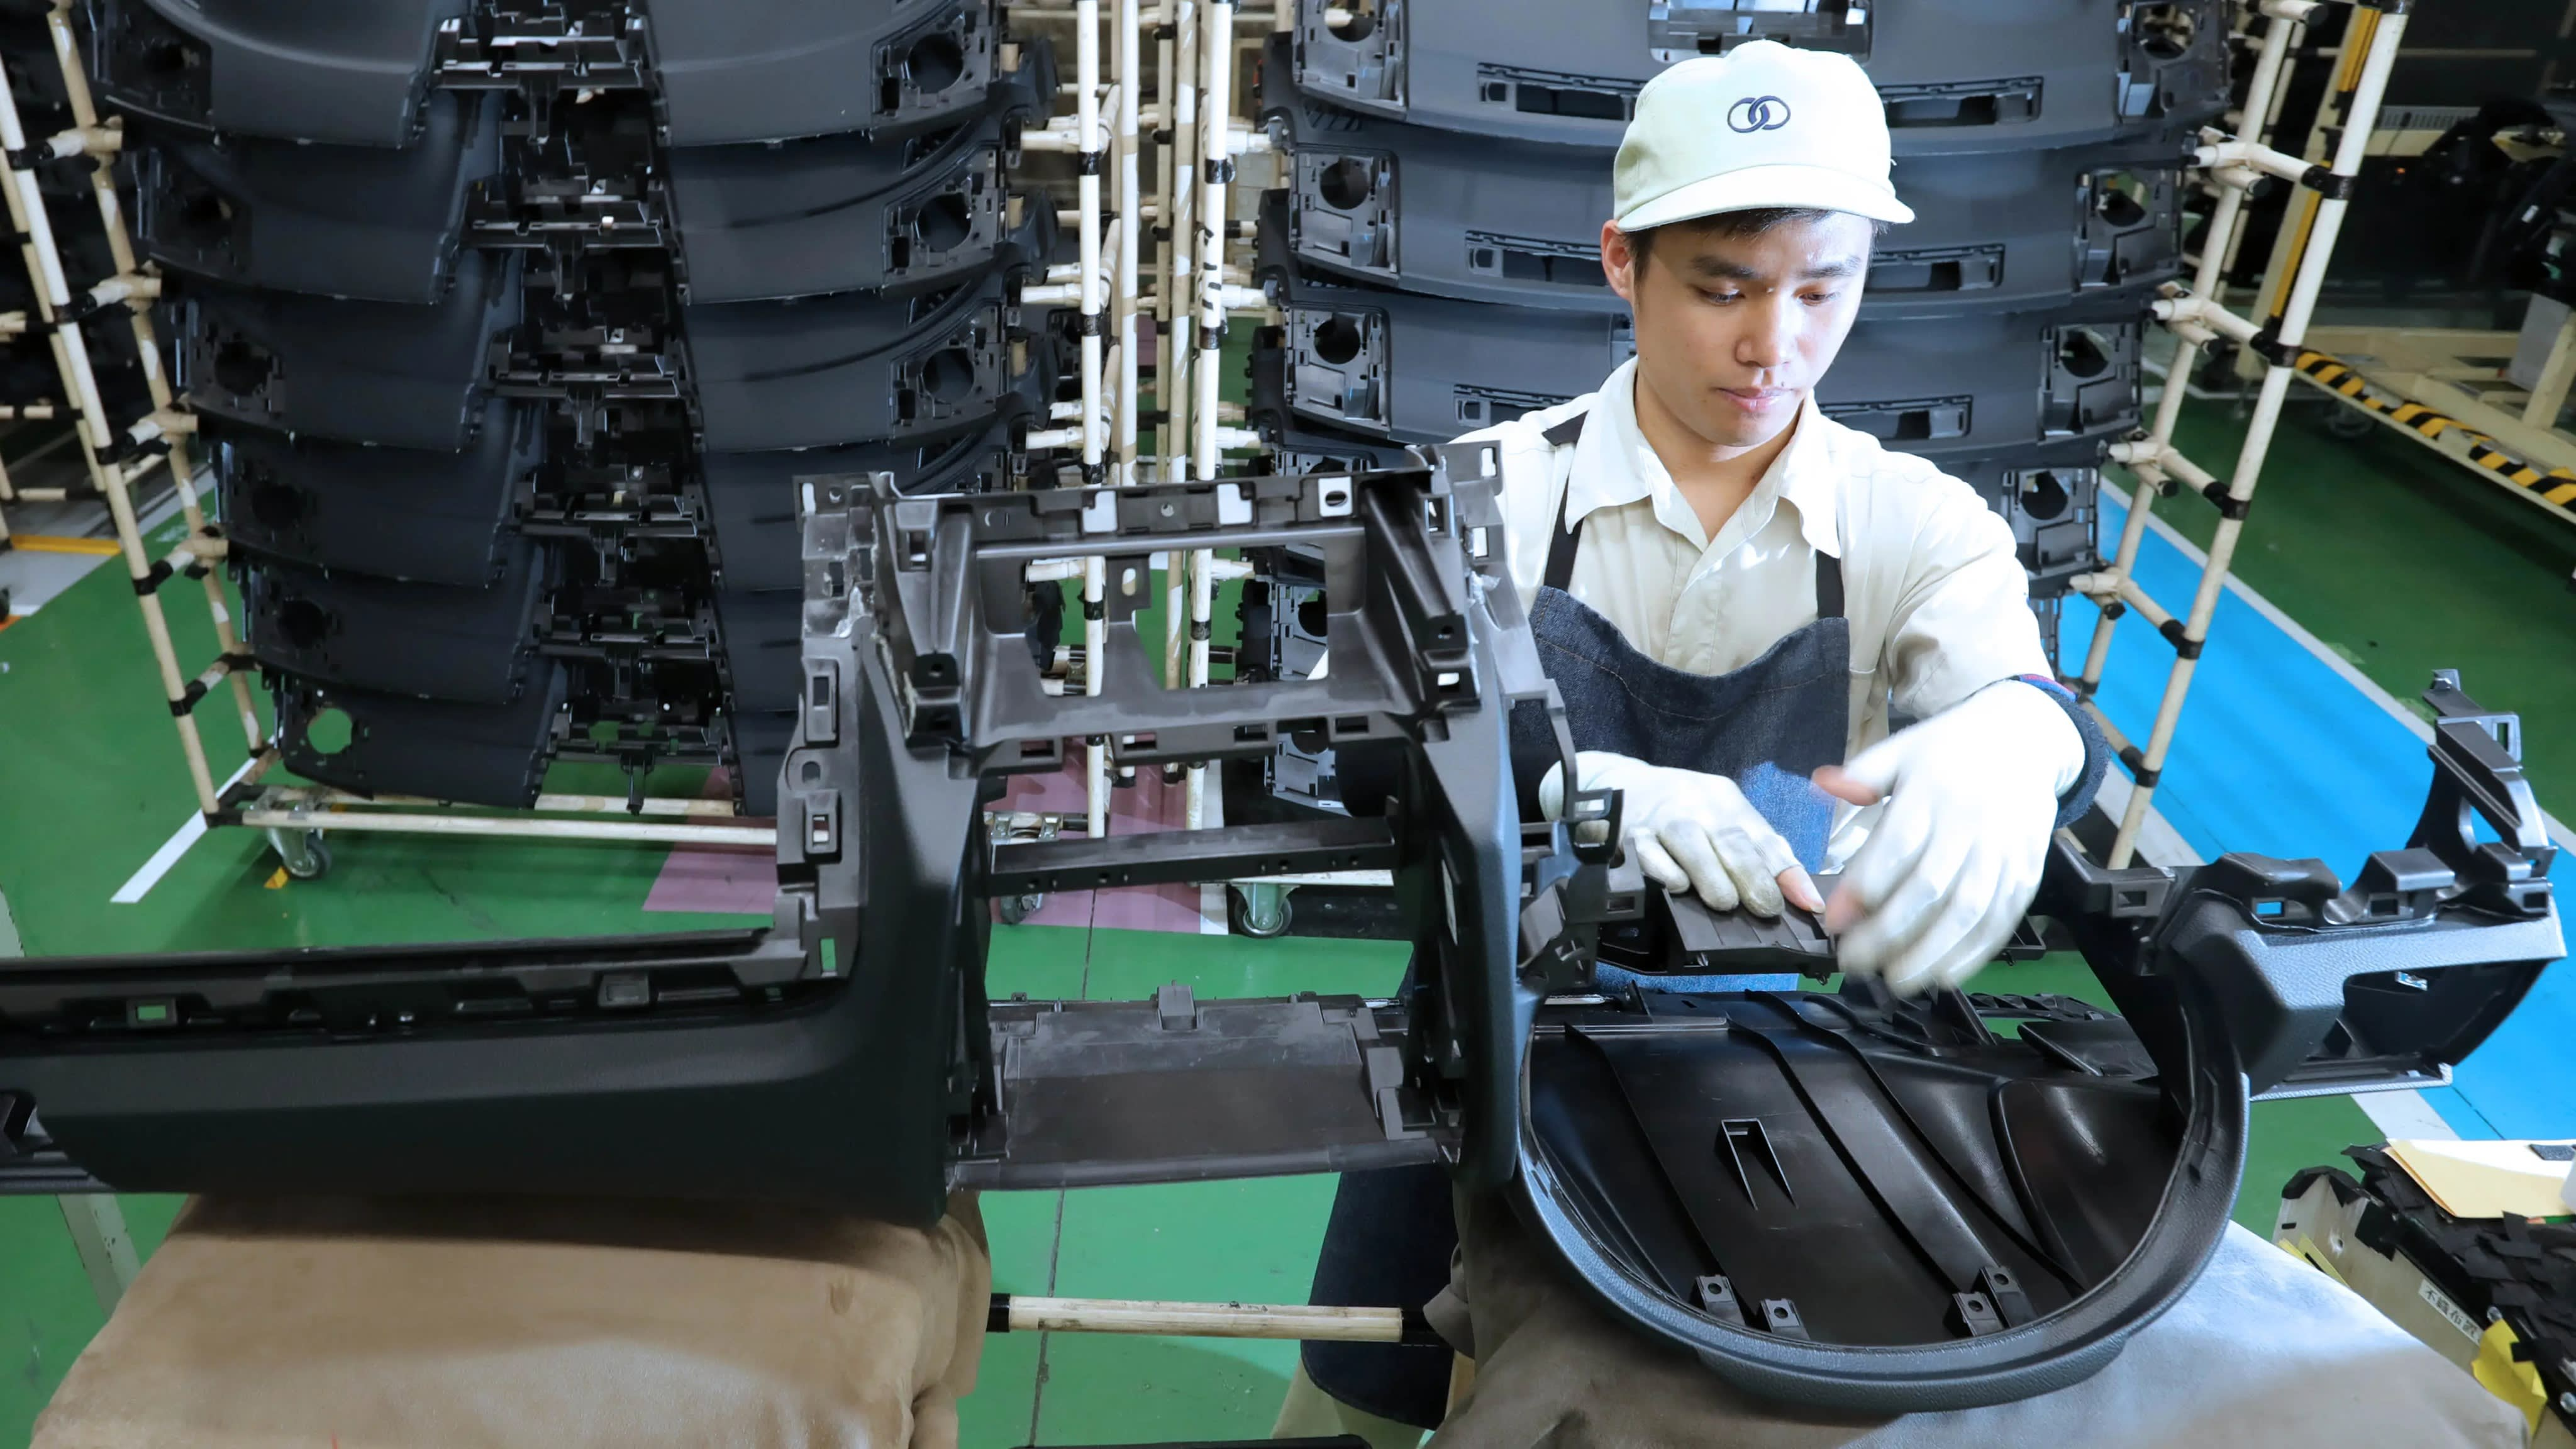 Nhiều điểm mới về chính sách người lao động Việt Nam đi làm việc ở nước ngoài